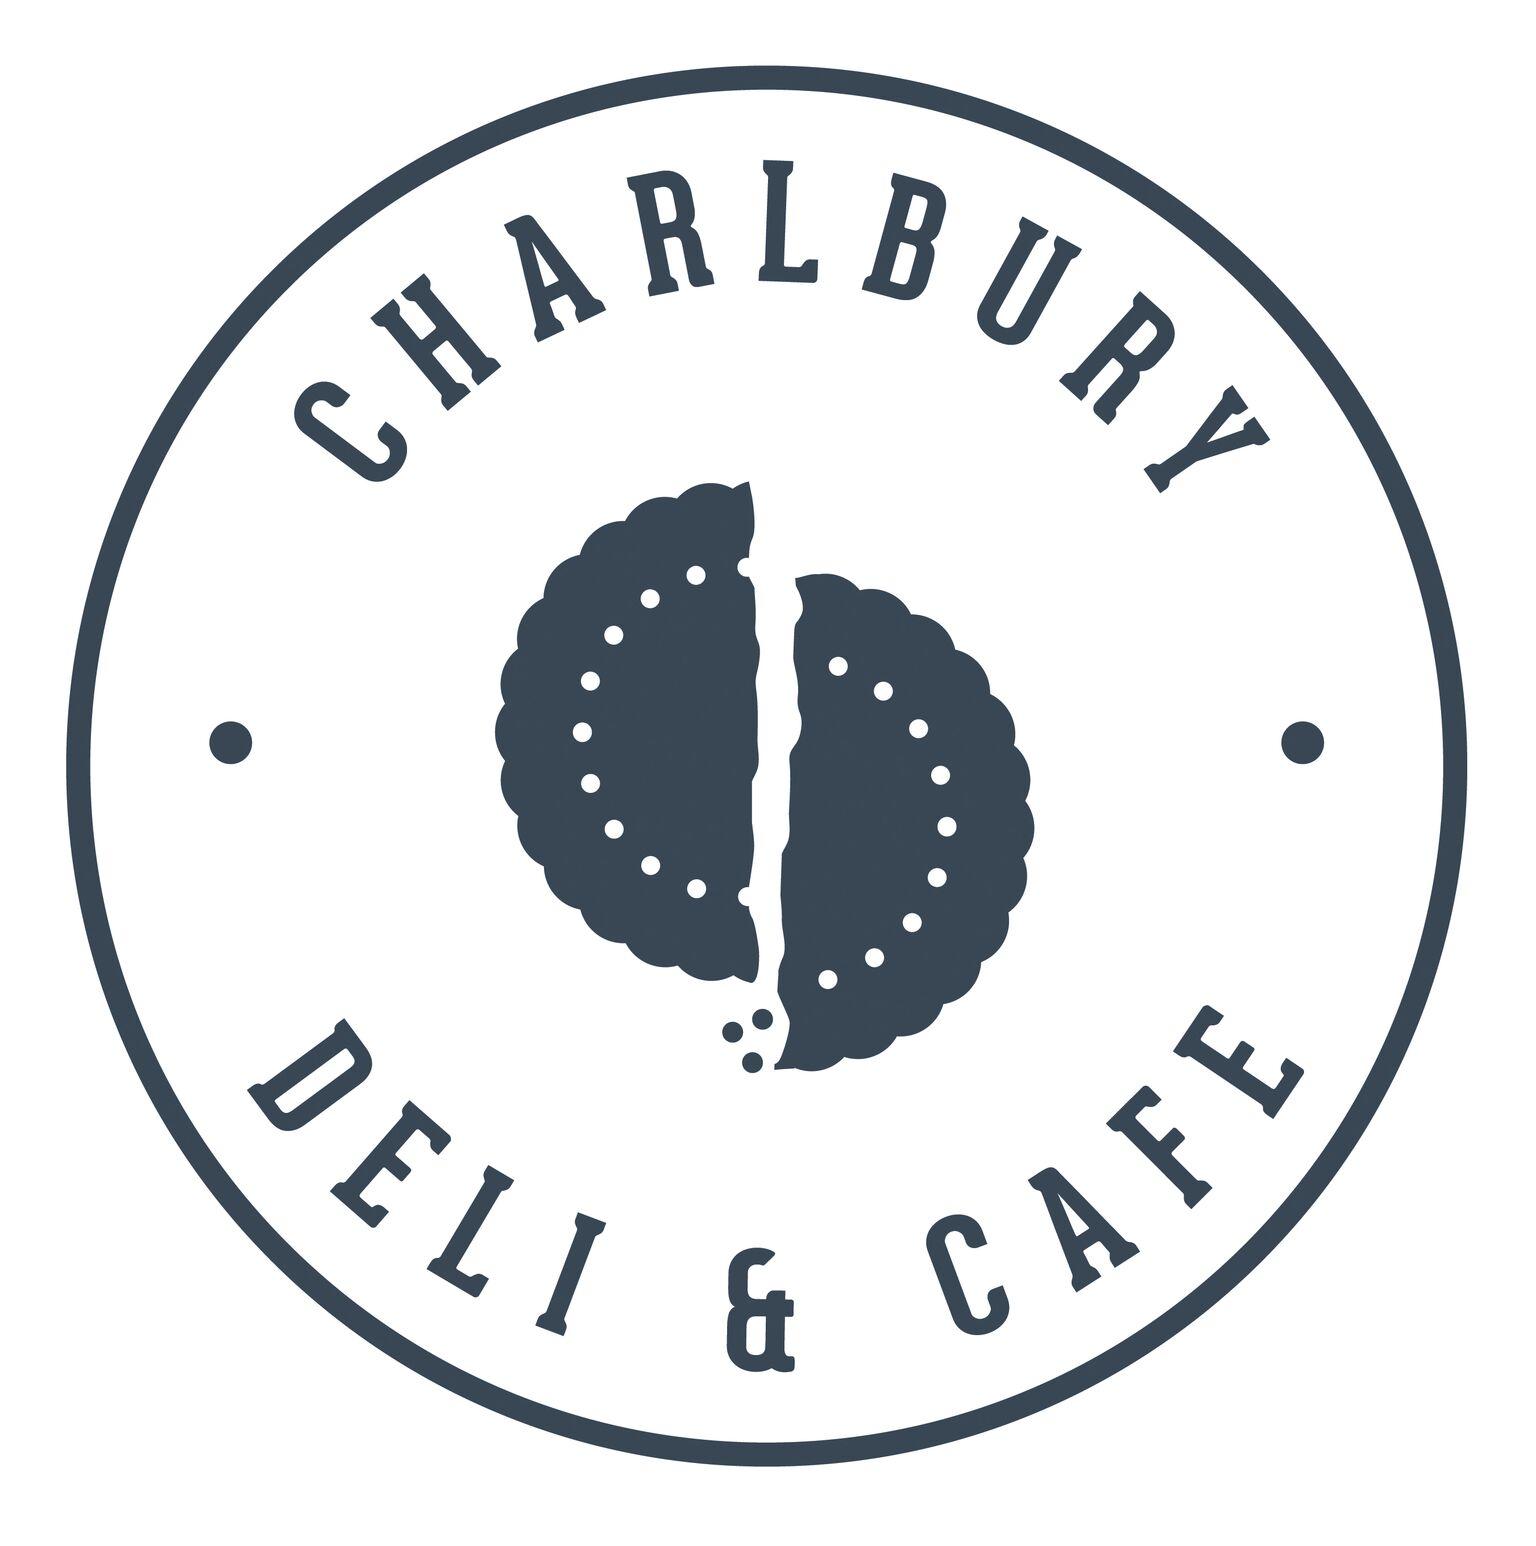 CHARLBURY DELI AND CAFE